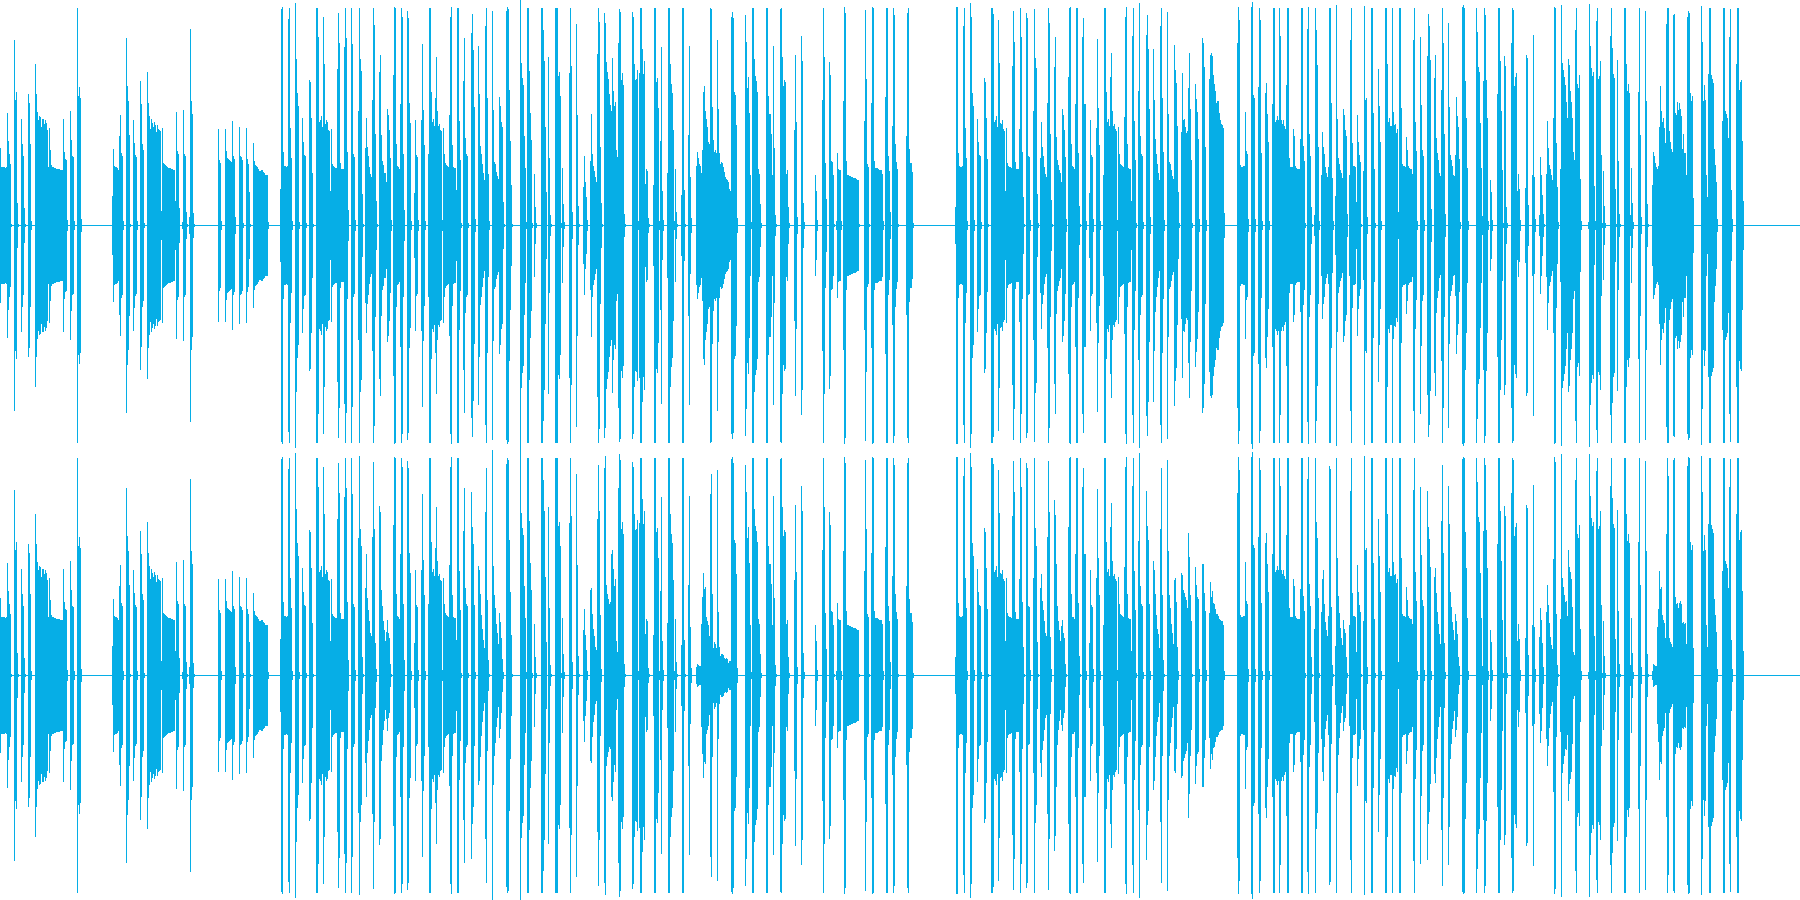 のんびりほのぼの日常系のBGMの再生済みの波形